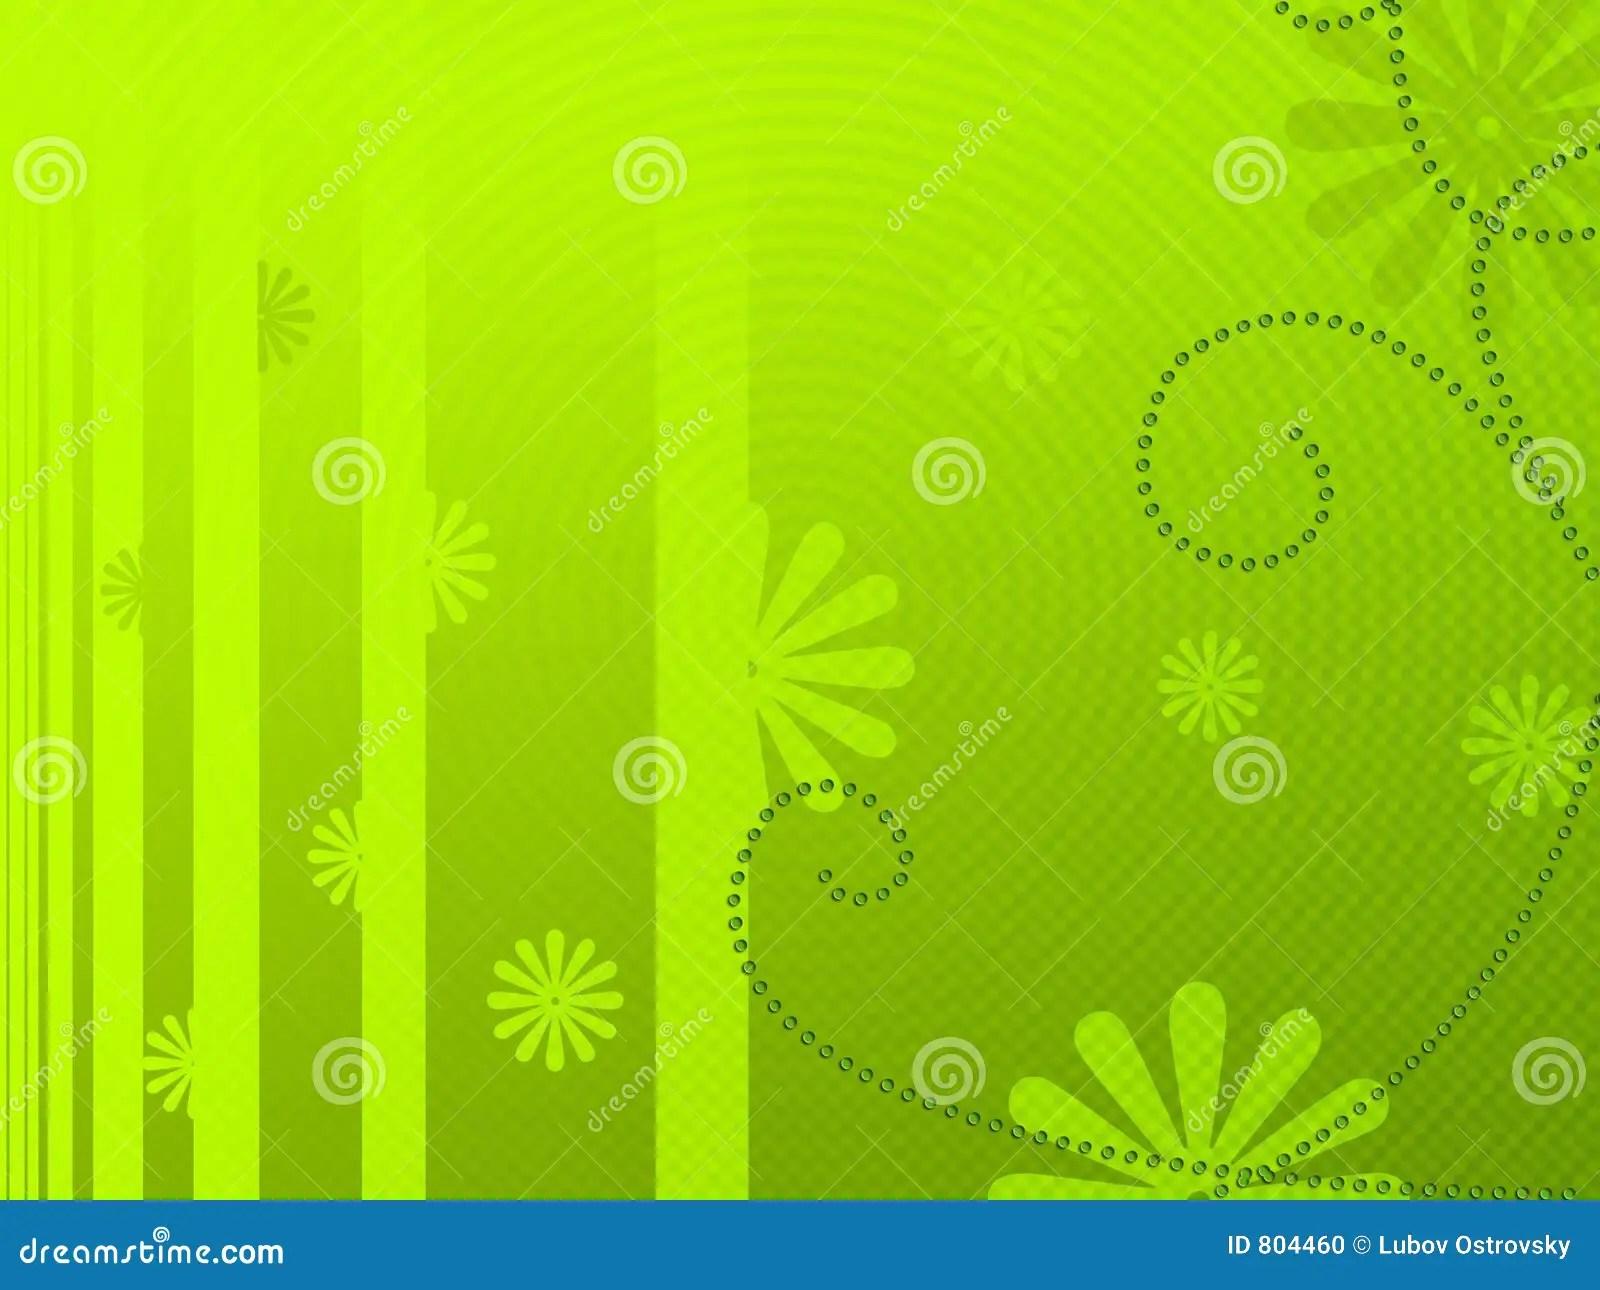 Light Green Floral Background Stock Illustration  Image